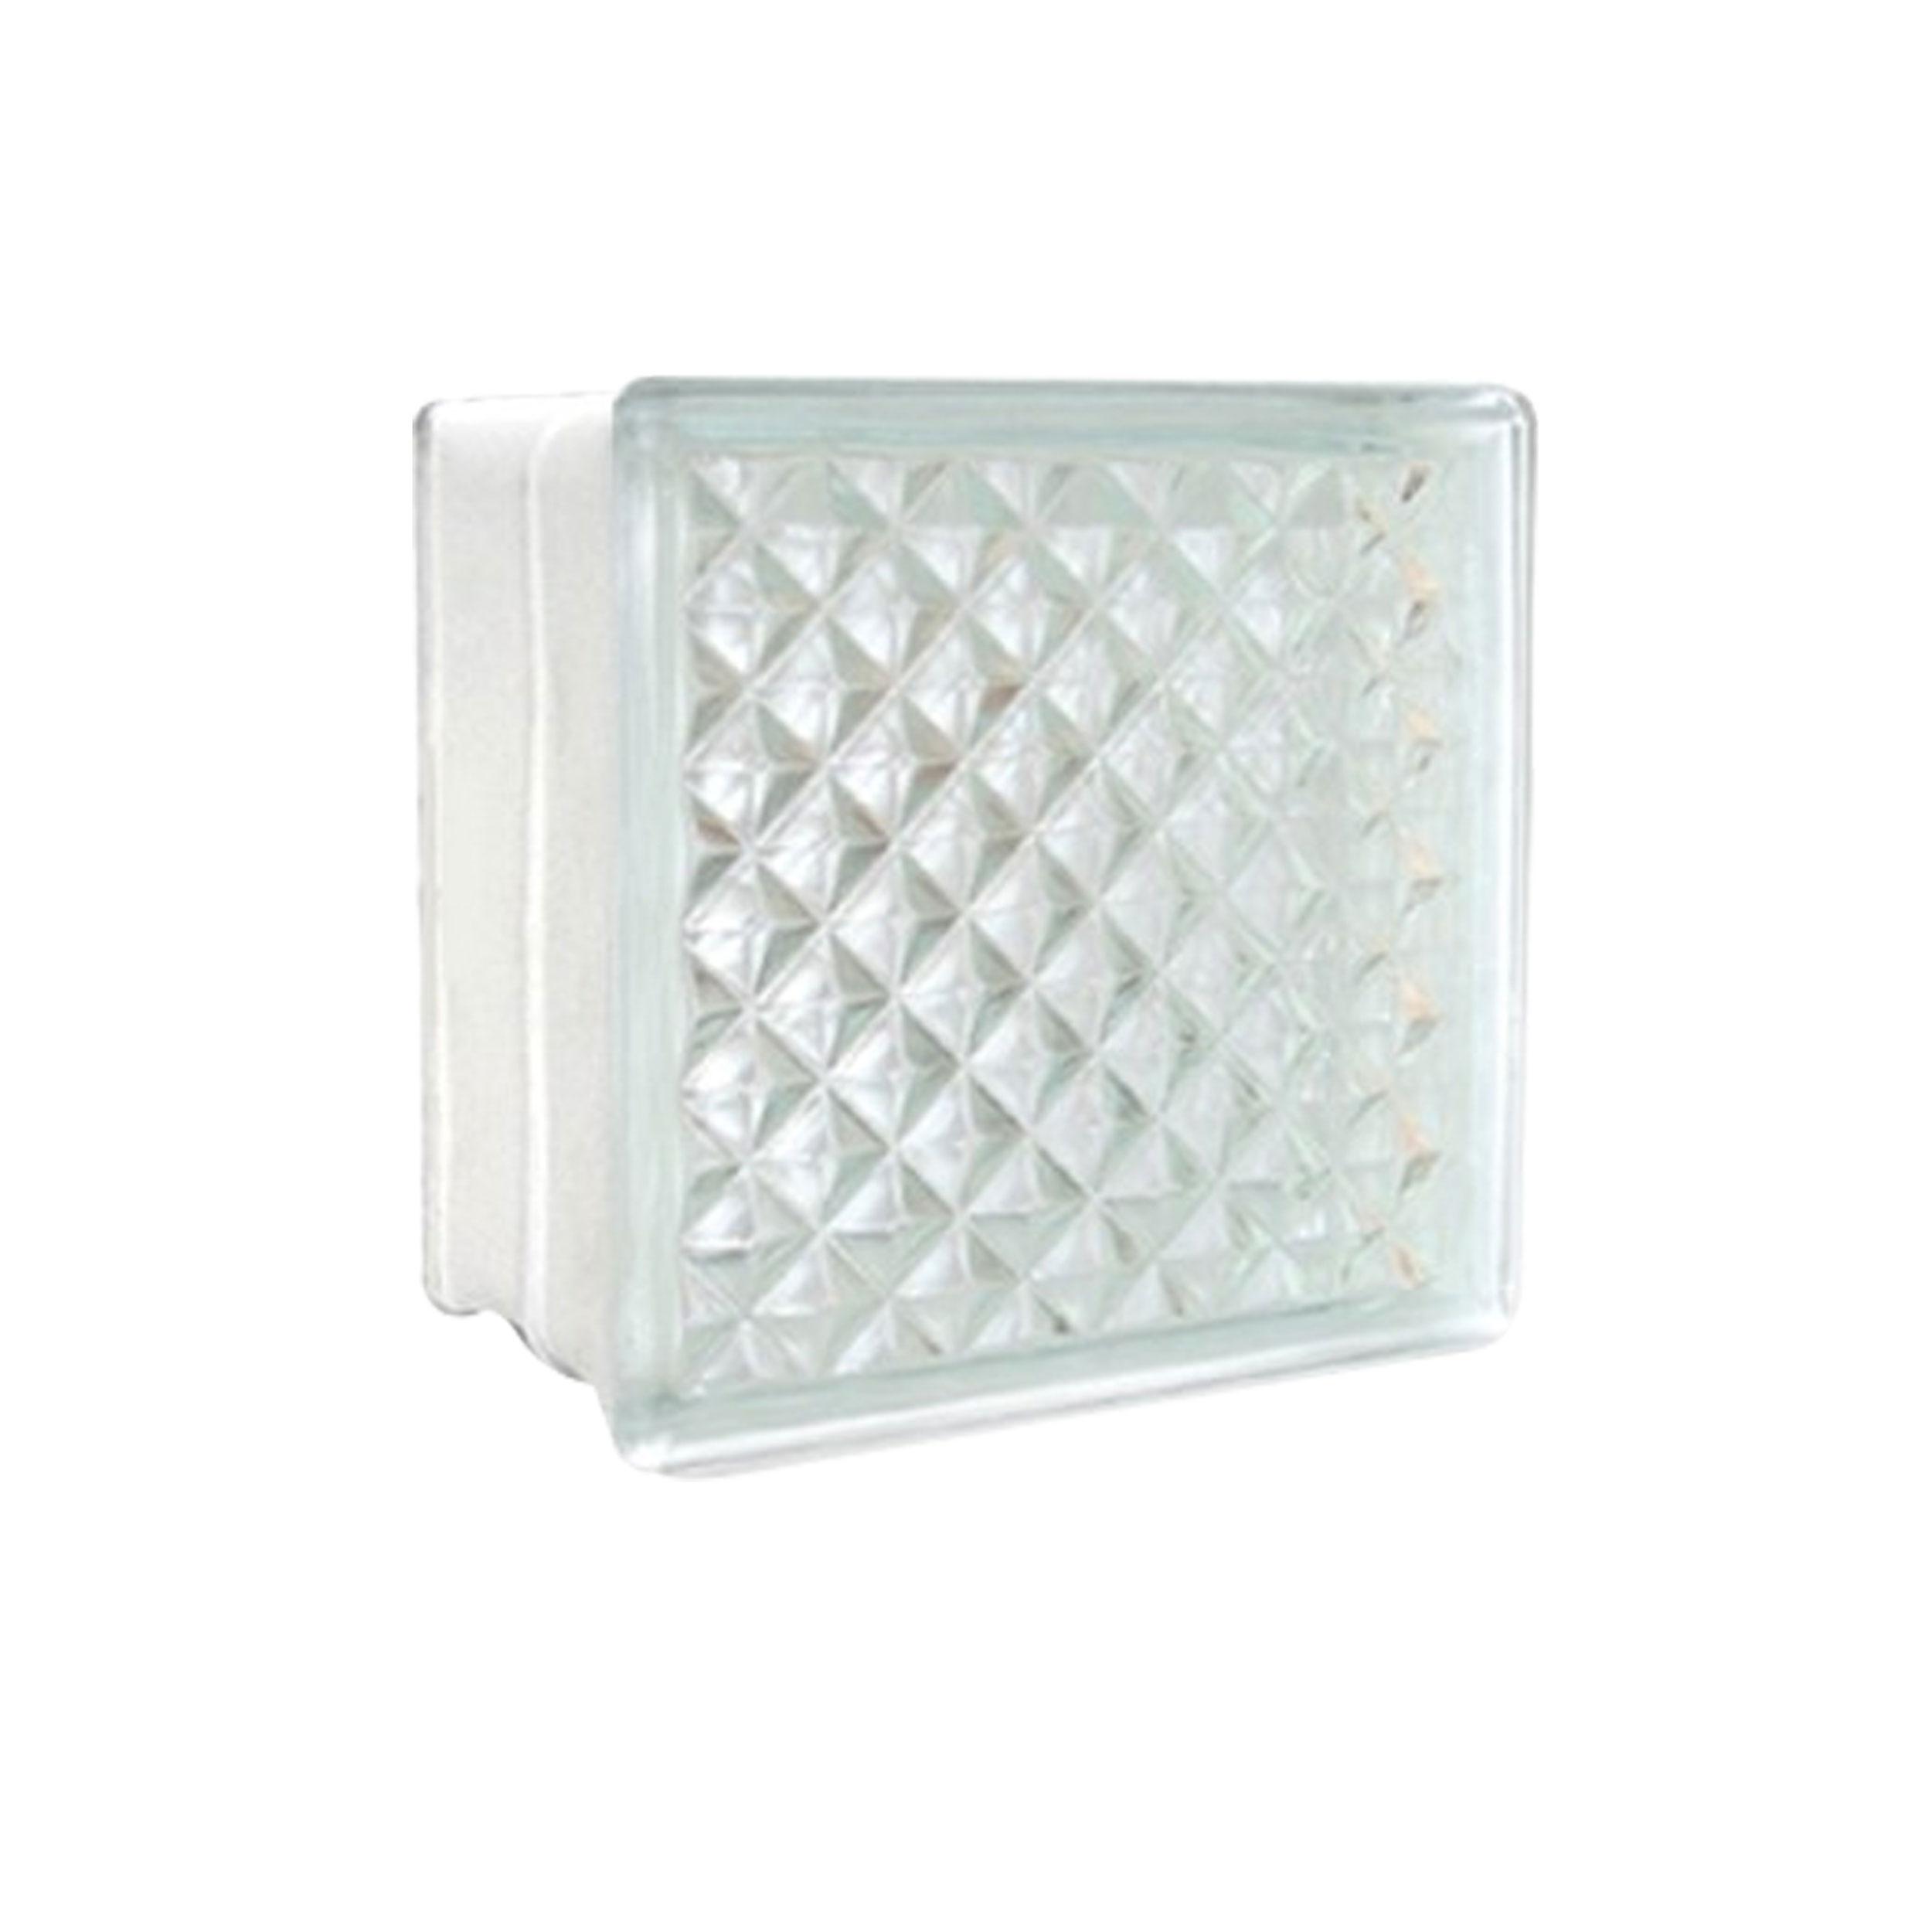 บล็อคแก้ว พลอยประกายแสง Diamond